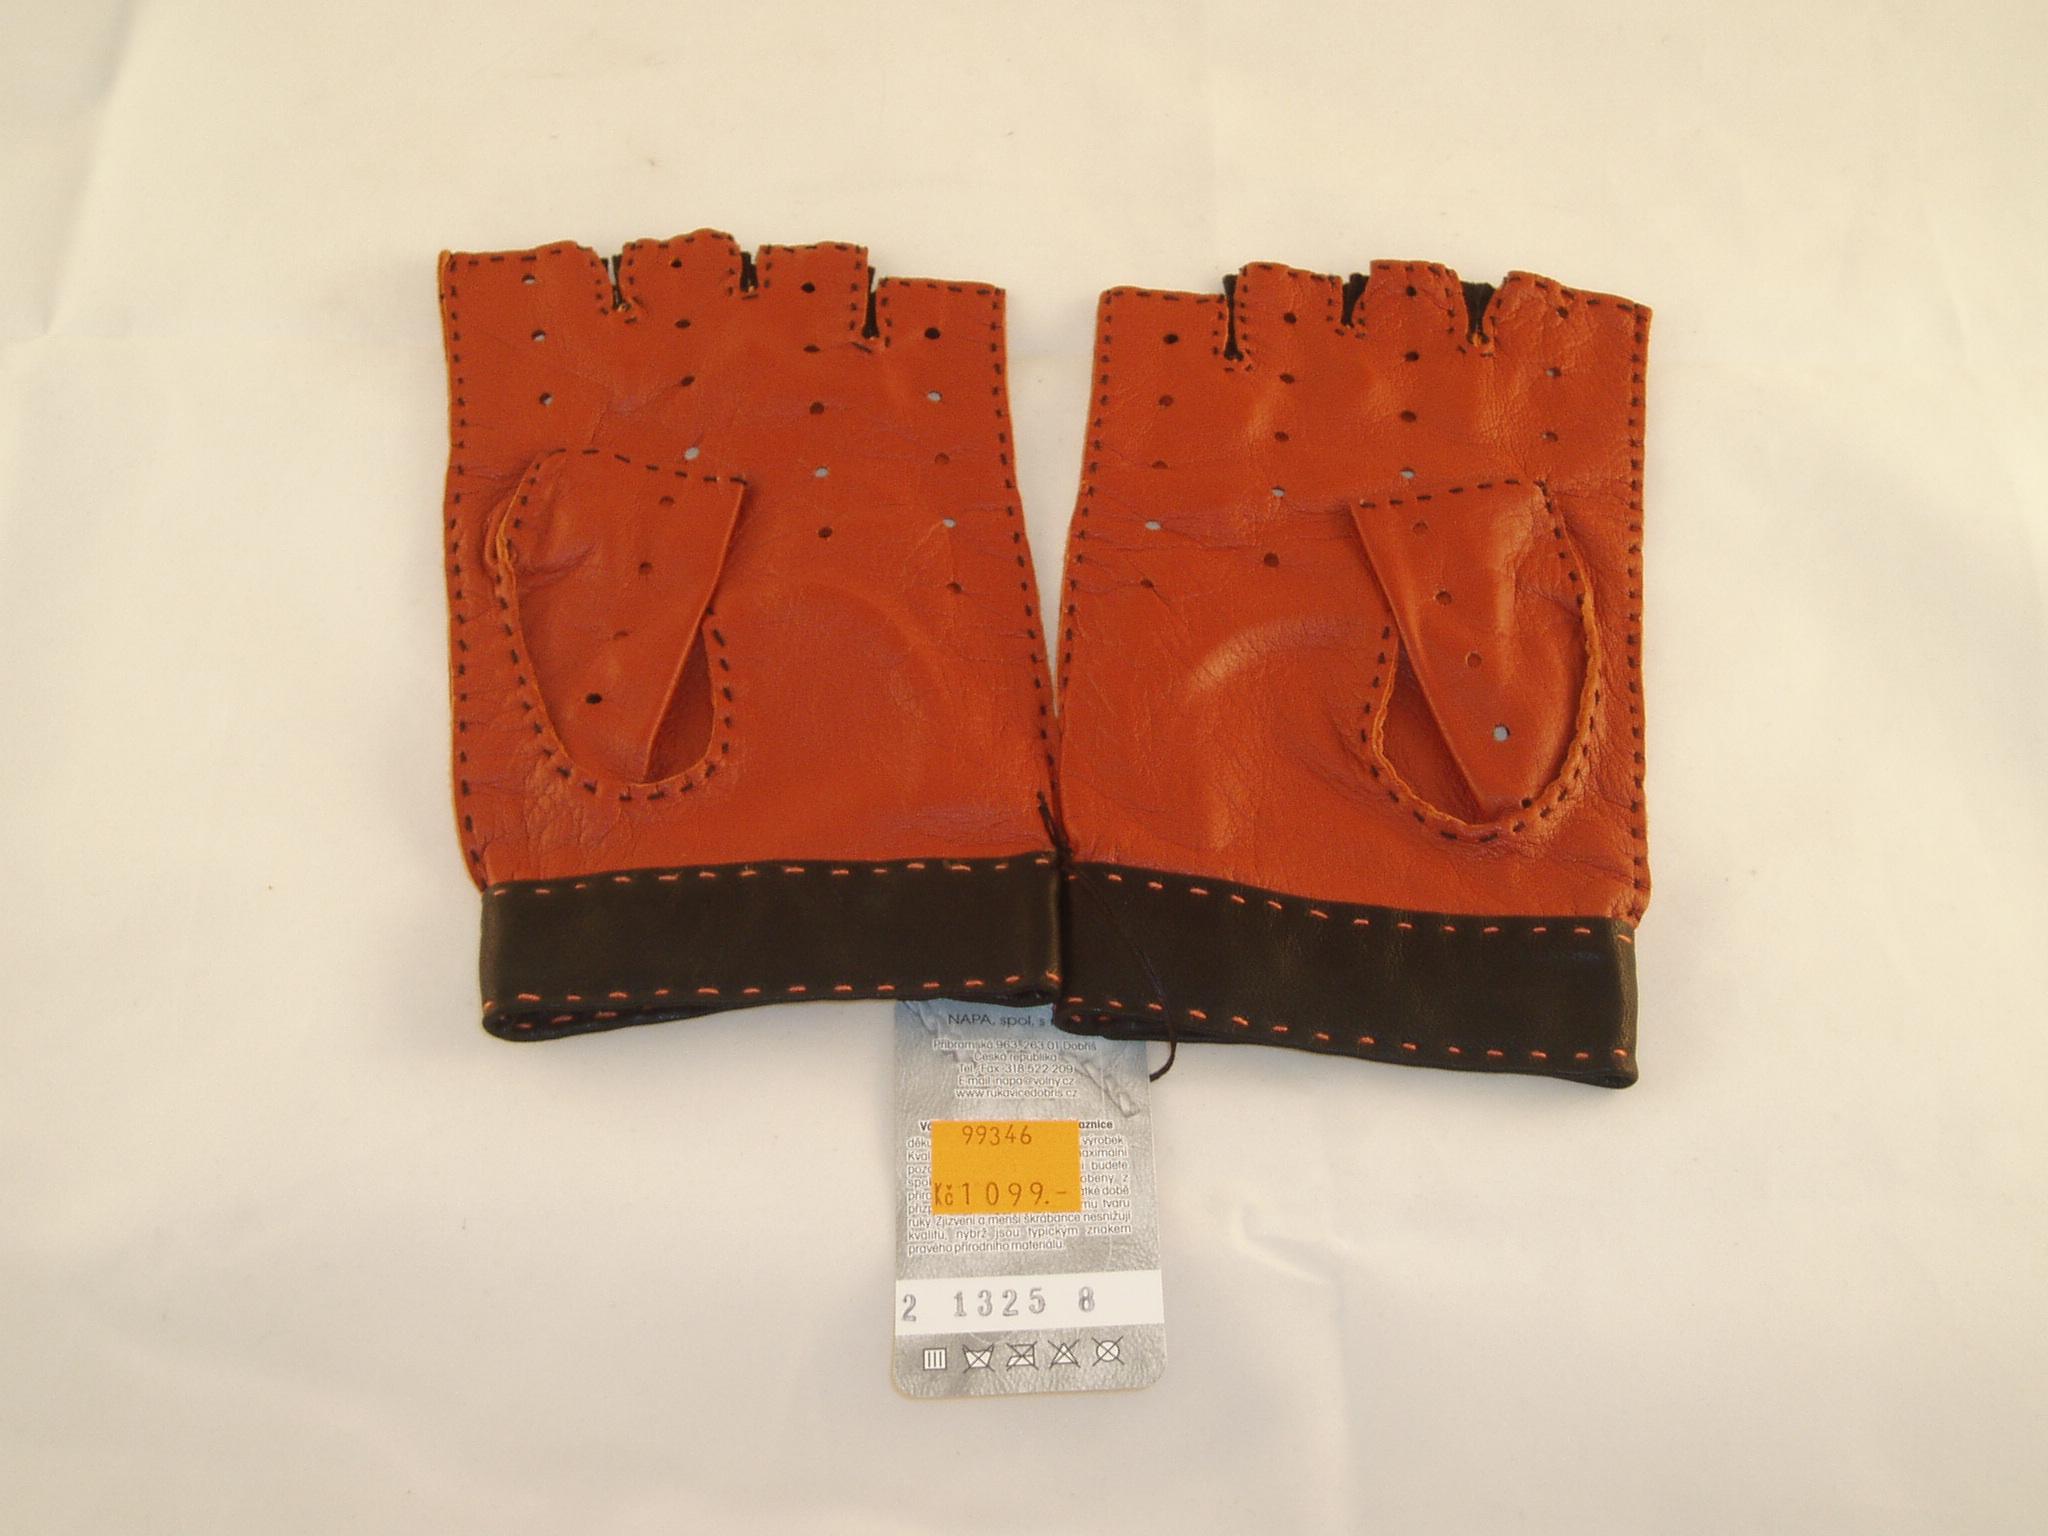 Výprodej-pánské kožené autorukavice-oranžová černá ... 0c62e65ad3